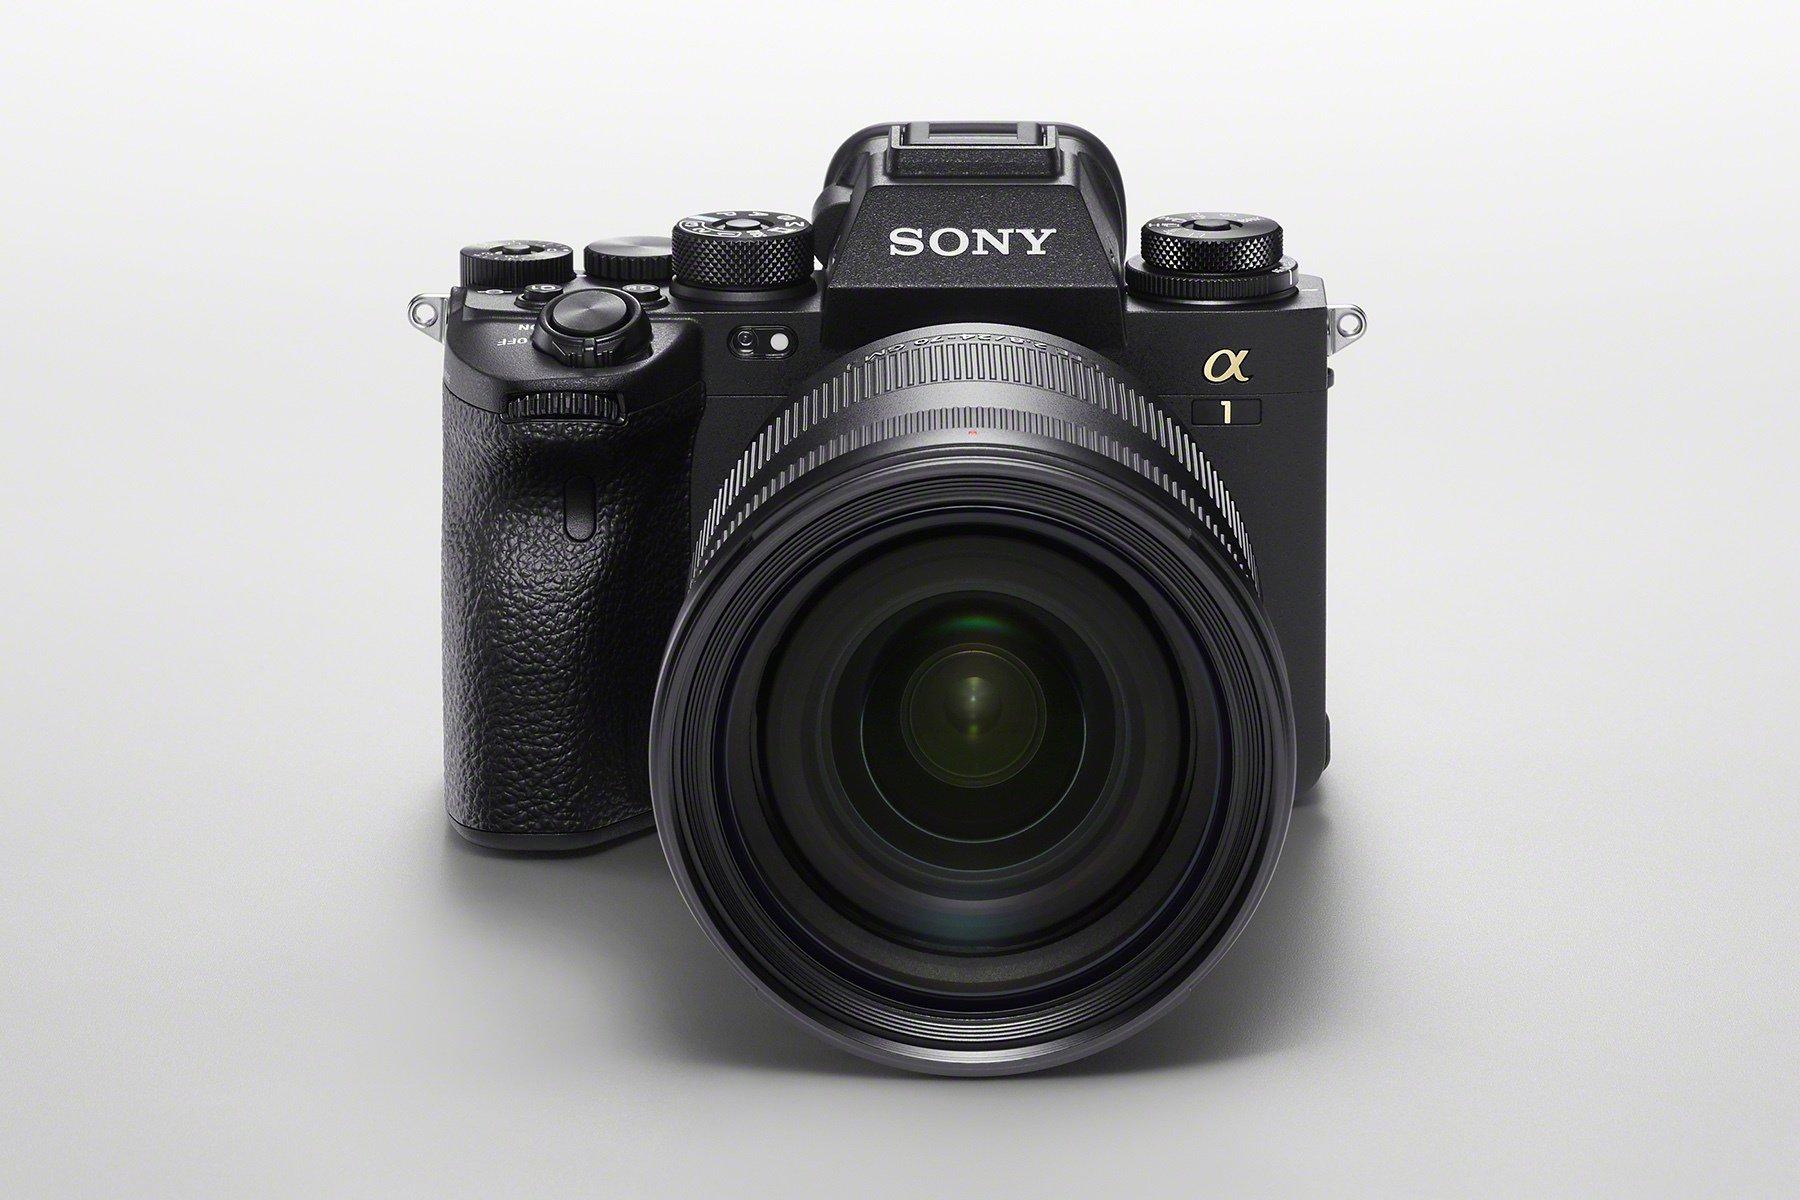 سونی آلفا ۱ رونمایی شد؛ دوربین پرچمدار ۶۵۰۰ دلاری با قابلیت فیلمبرداری 8K